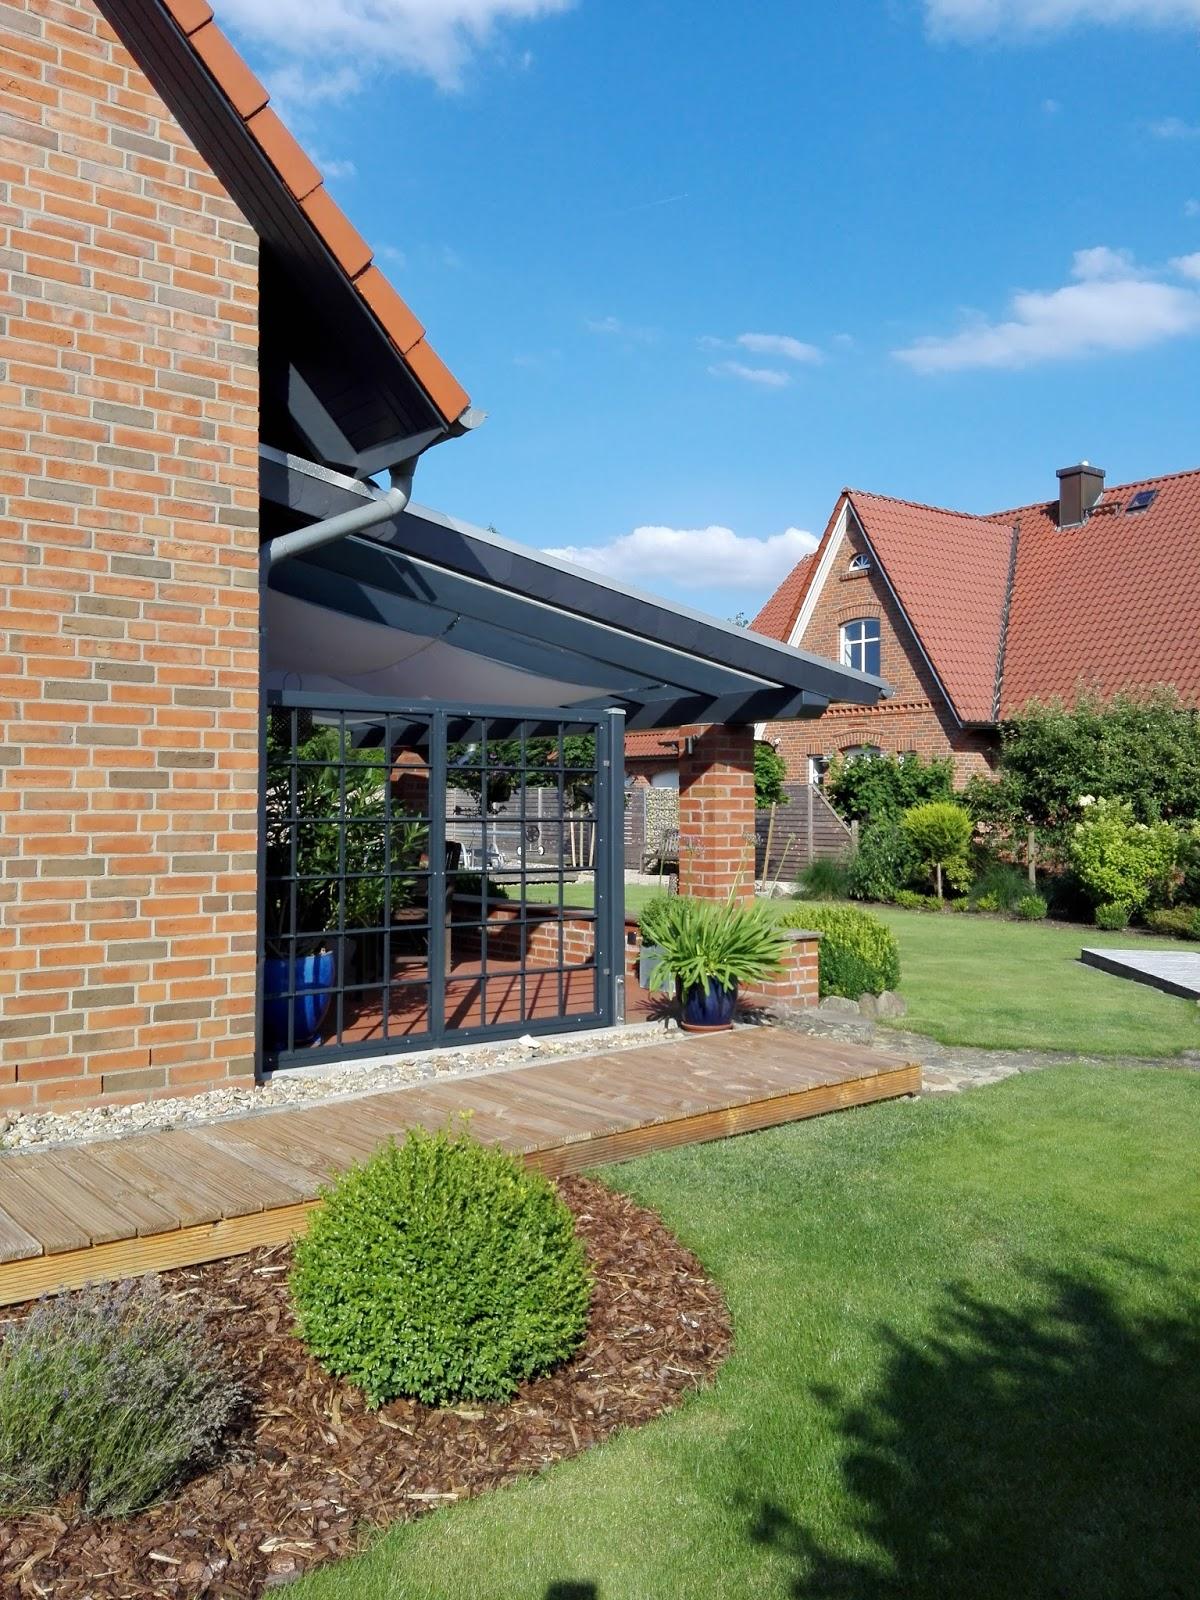 industriefenster als abtrennung für die terrasse | selbst & anders